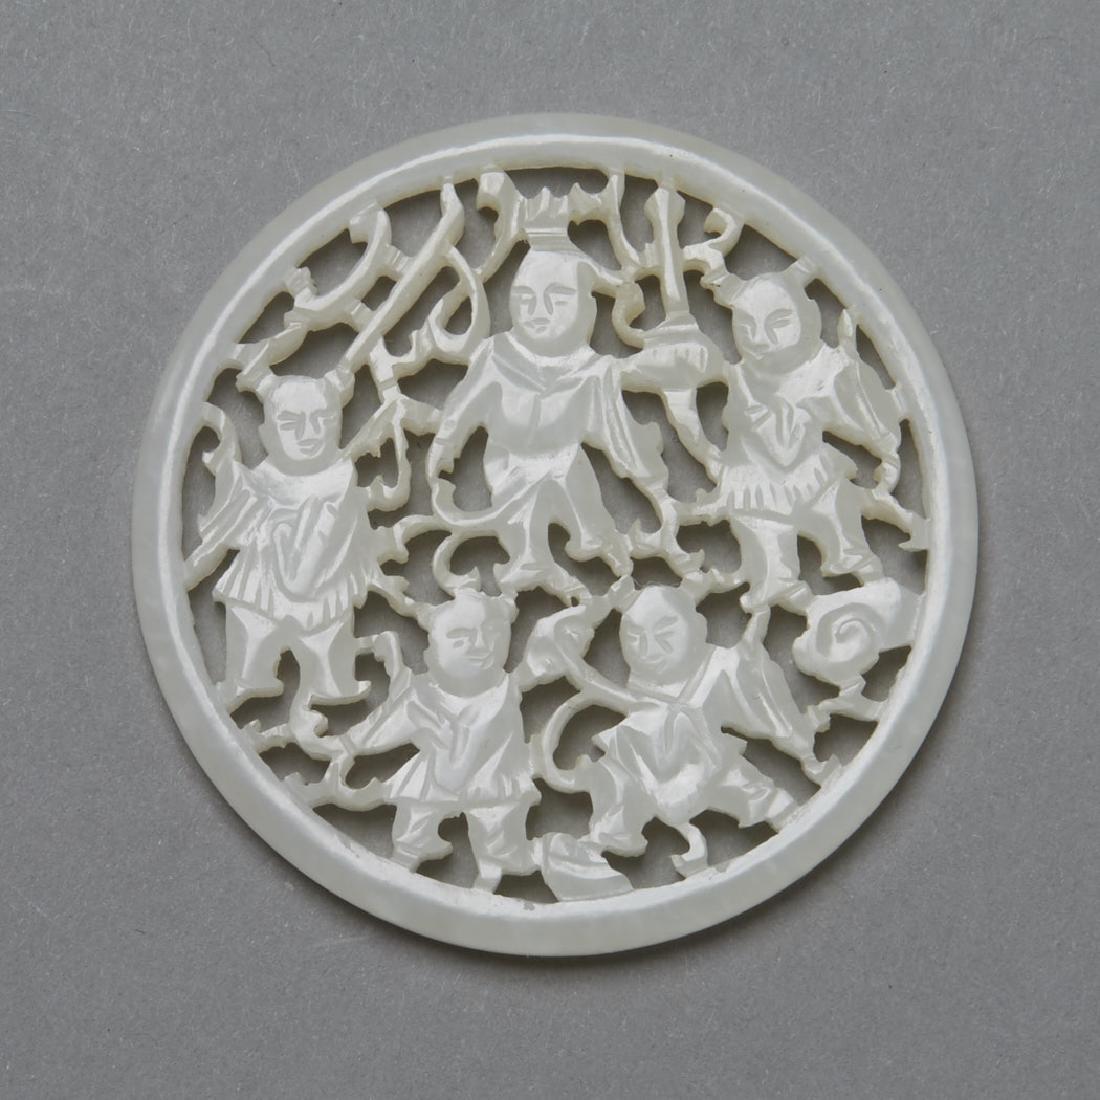 Chinese Guangxu/Republic Period White Jade -BTC Acpt